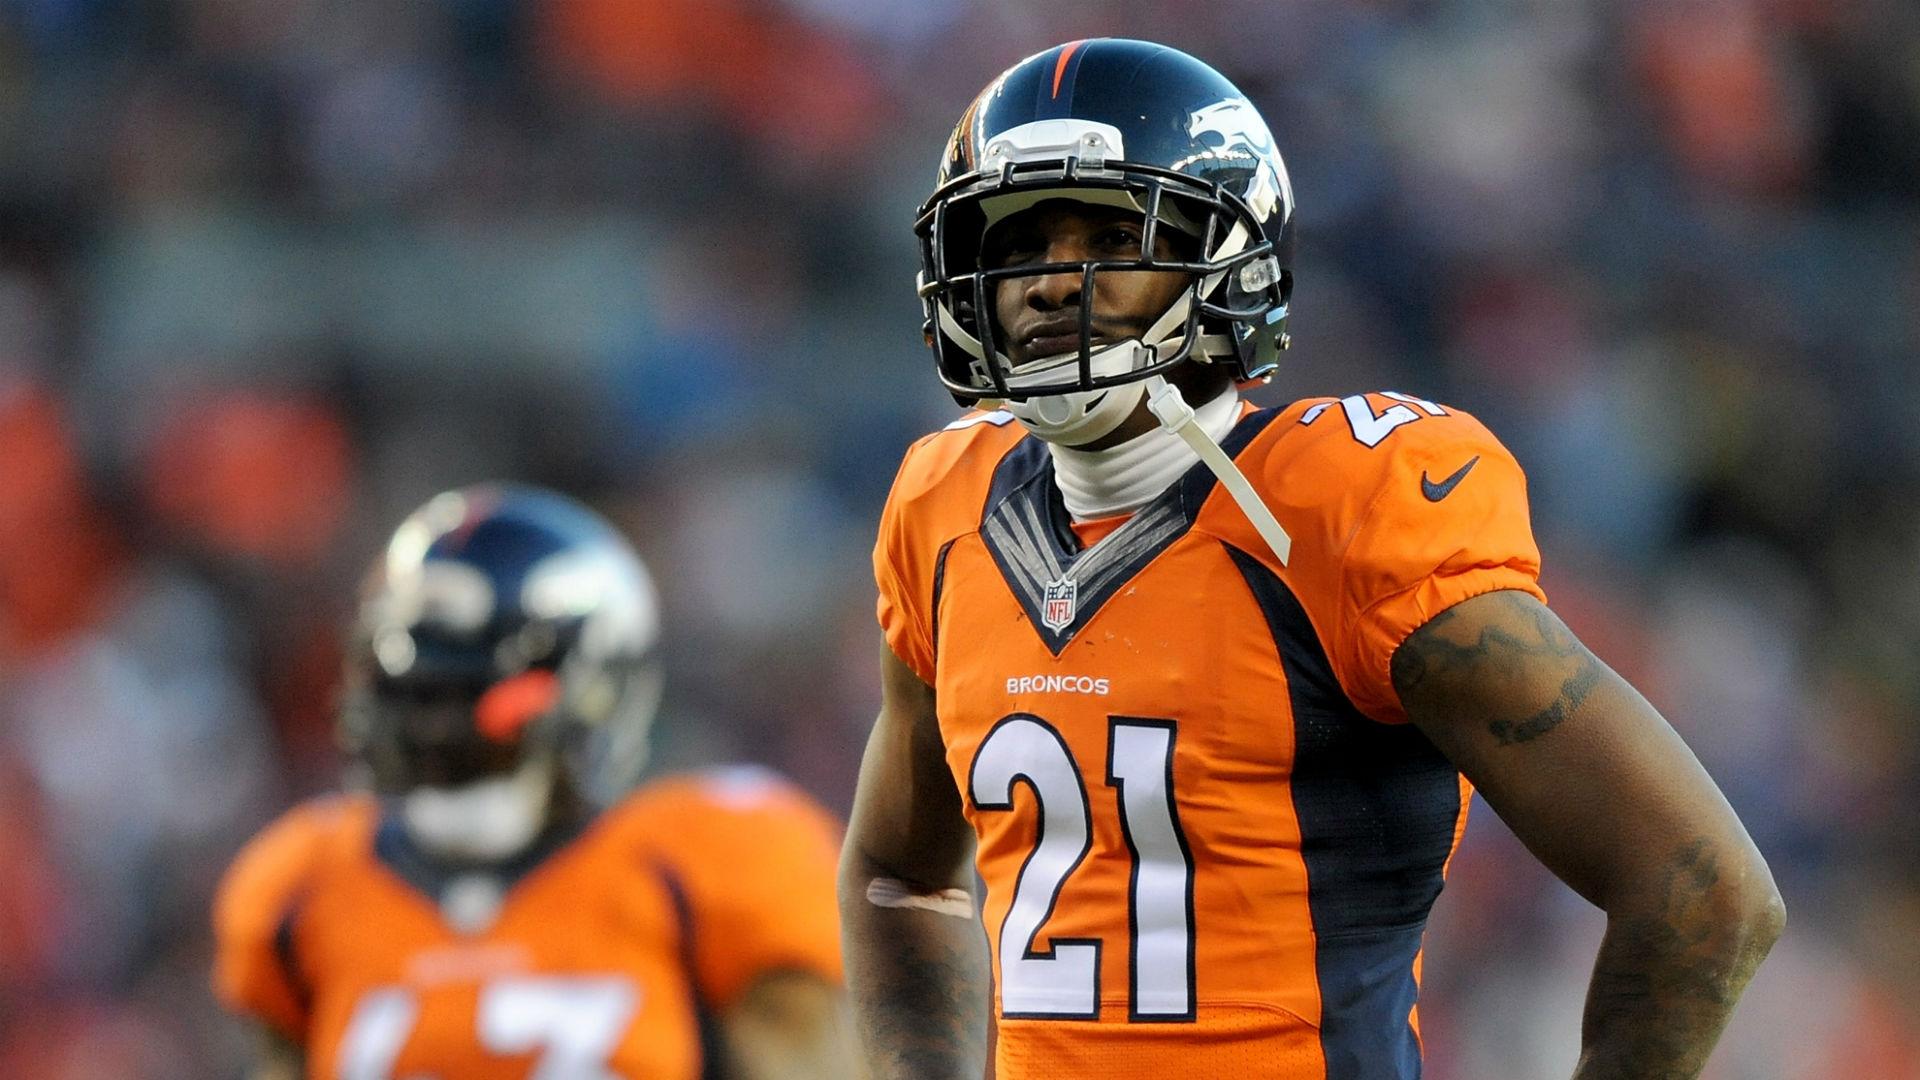 Aqib Talib hurting Broncos already poor Super Bowl repeat chances